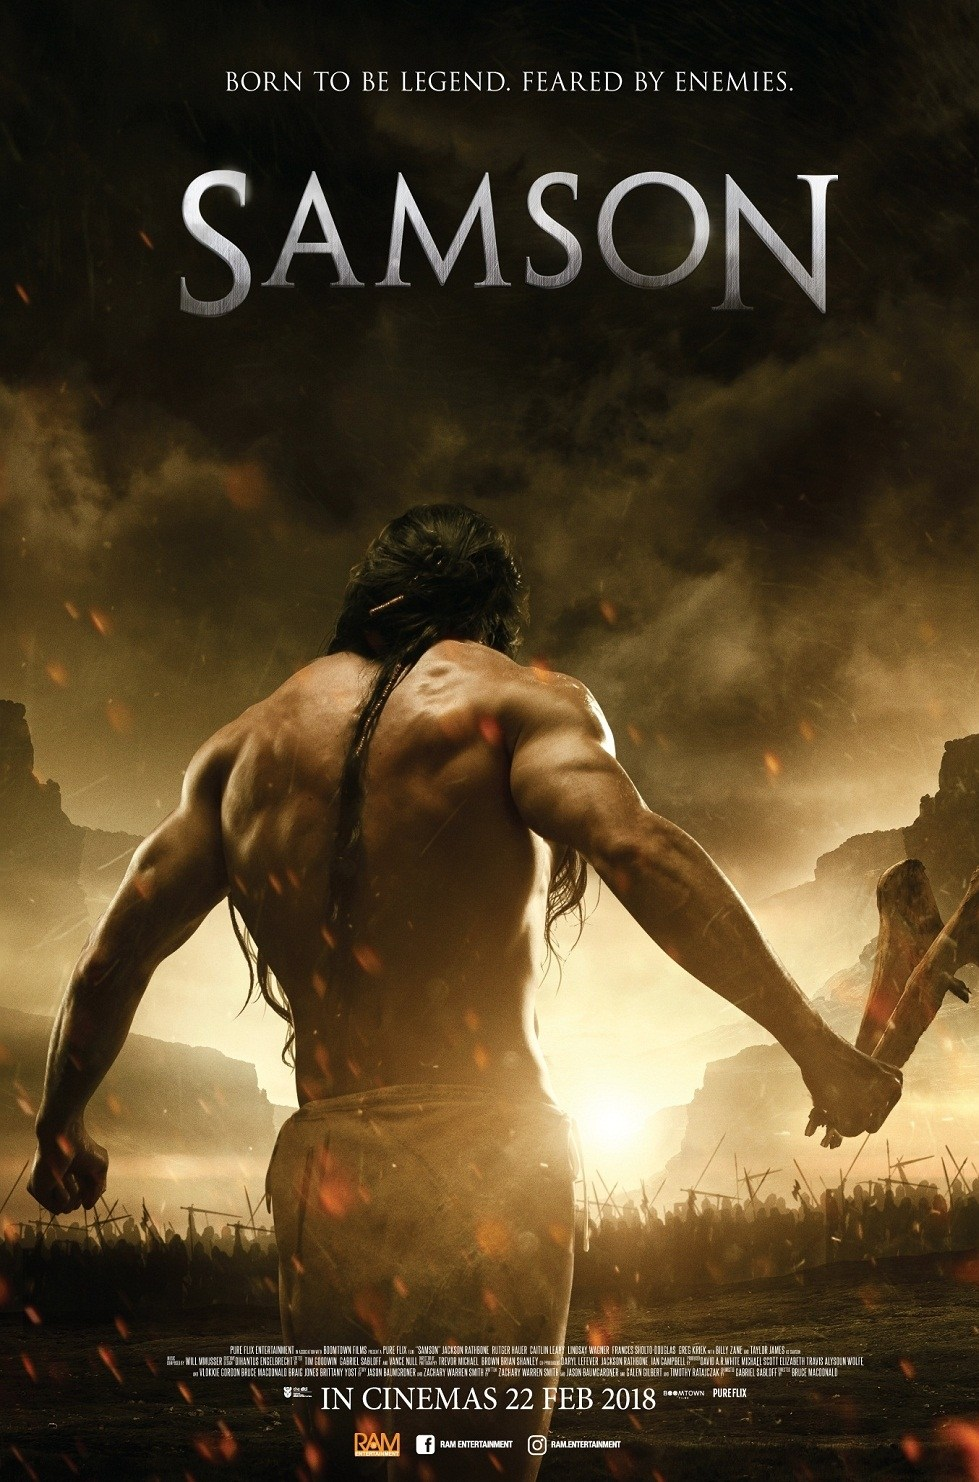 Samson-Malaysia-Poster.jpg